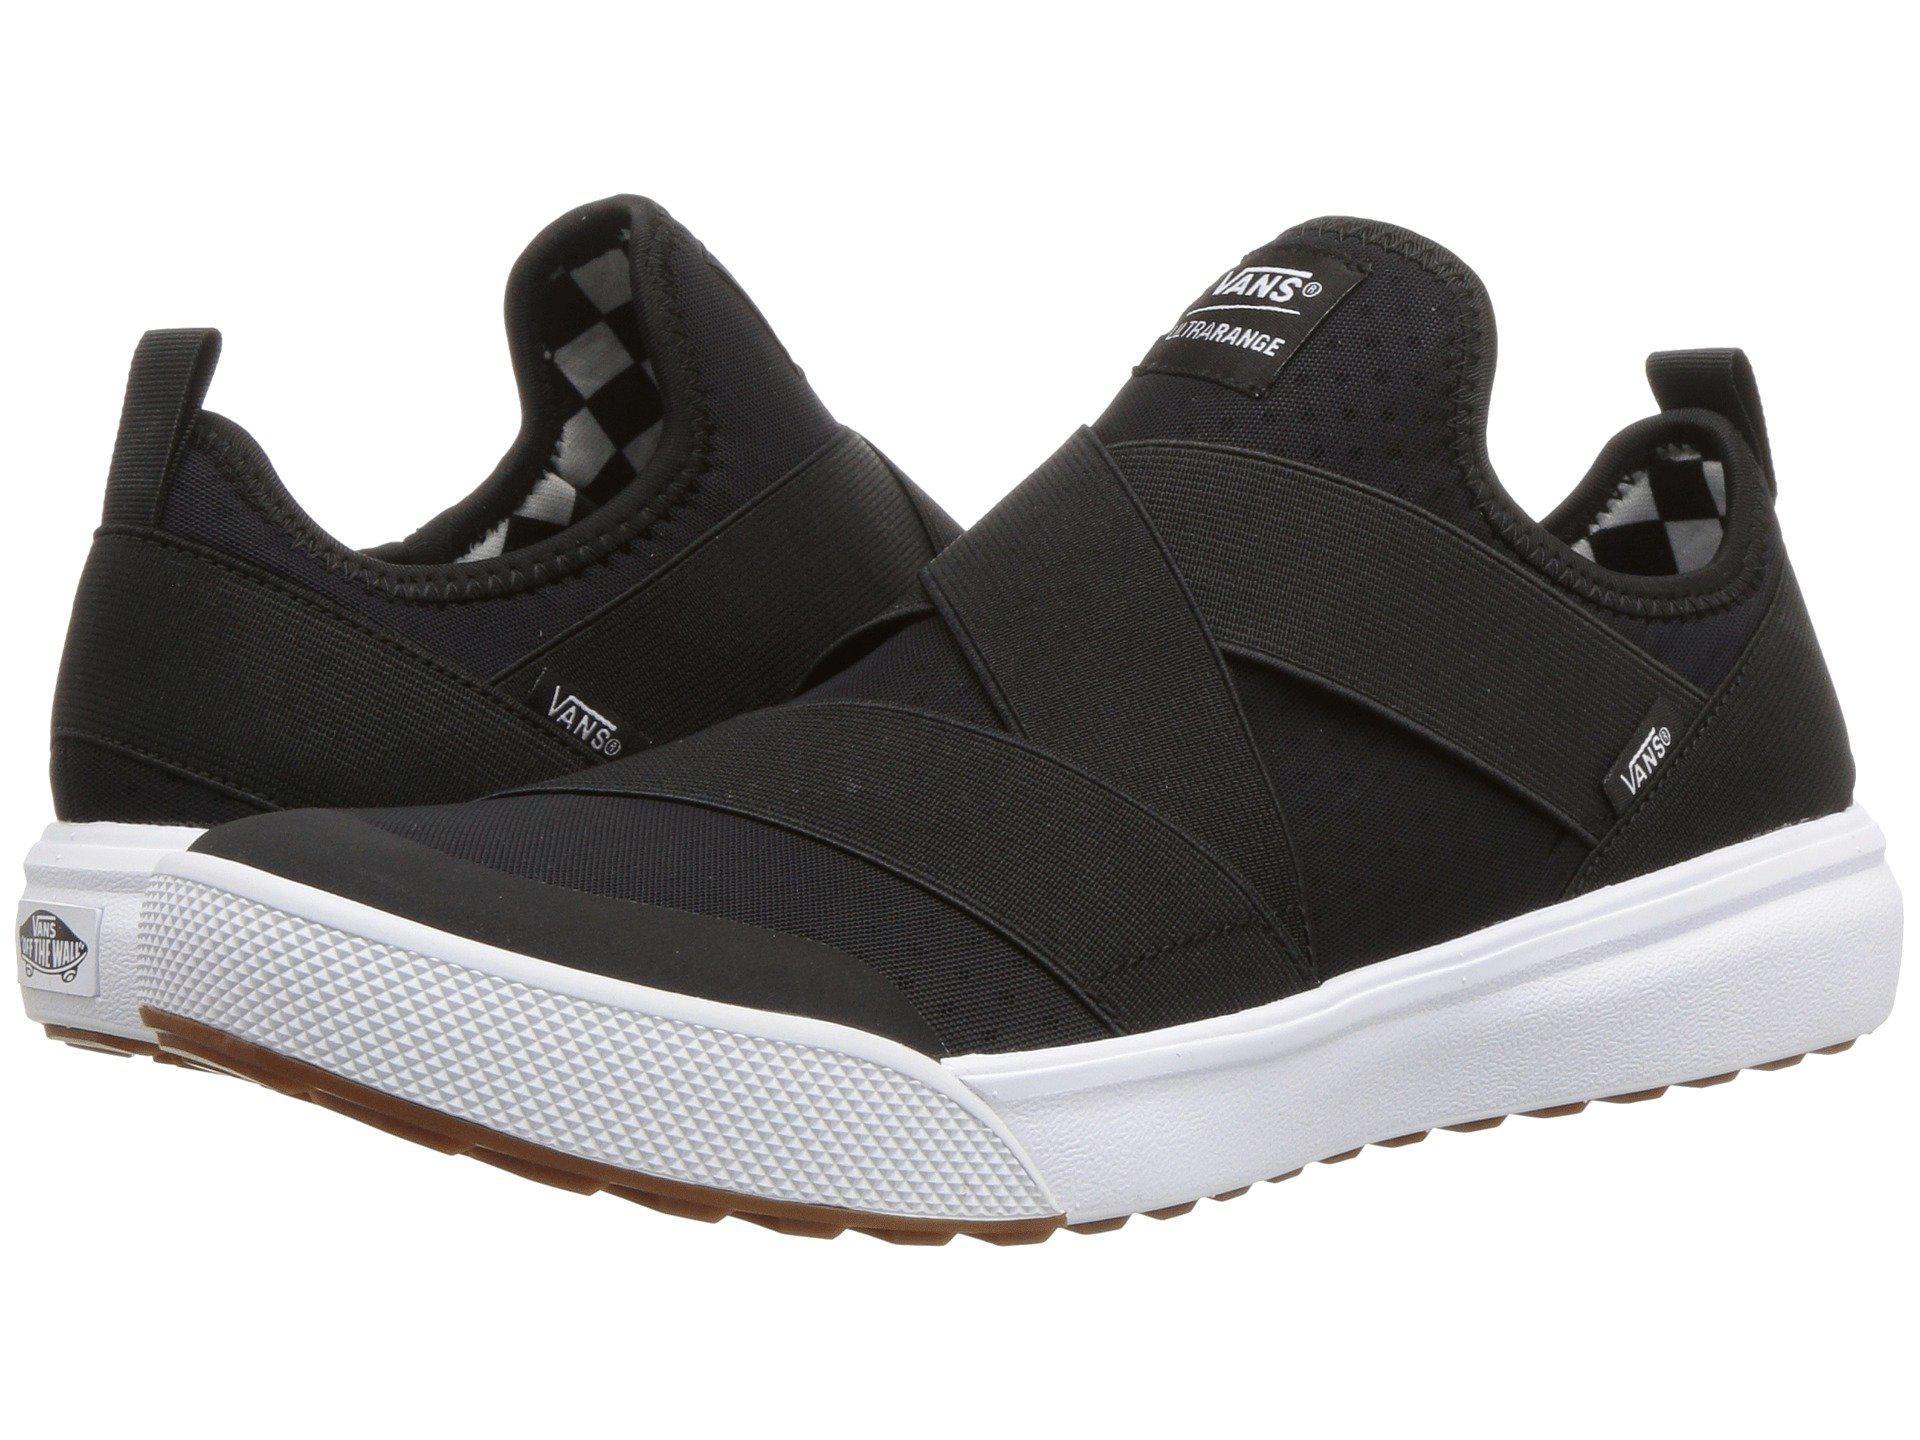 Lyst - Vans Ultrarange Gore (black) Skate Shoes in Black for Men 502080916